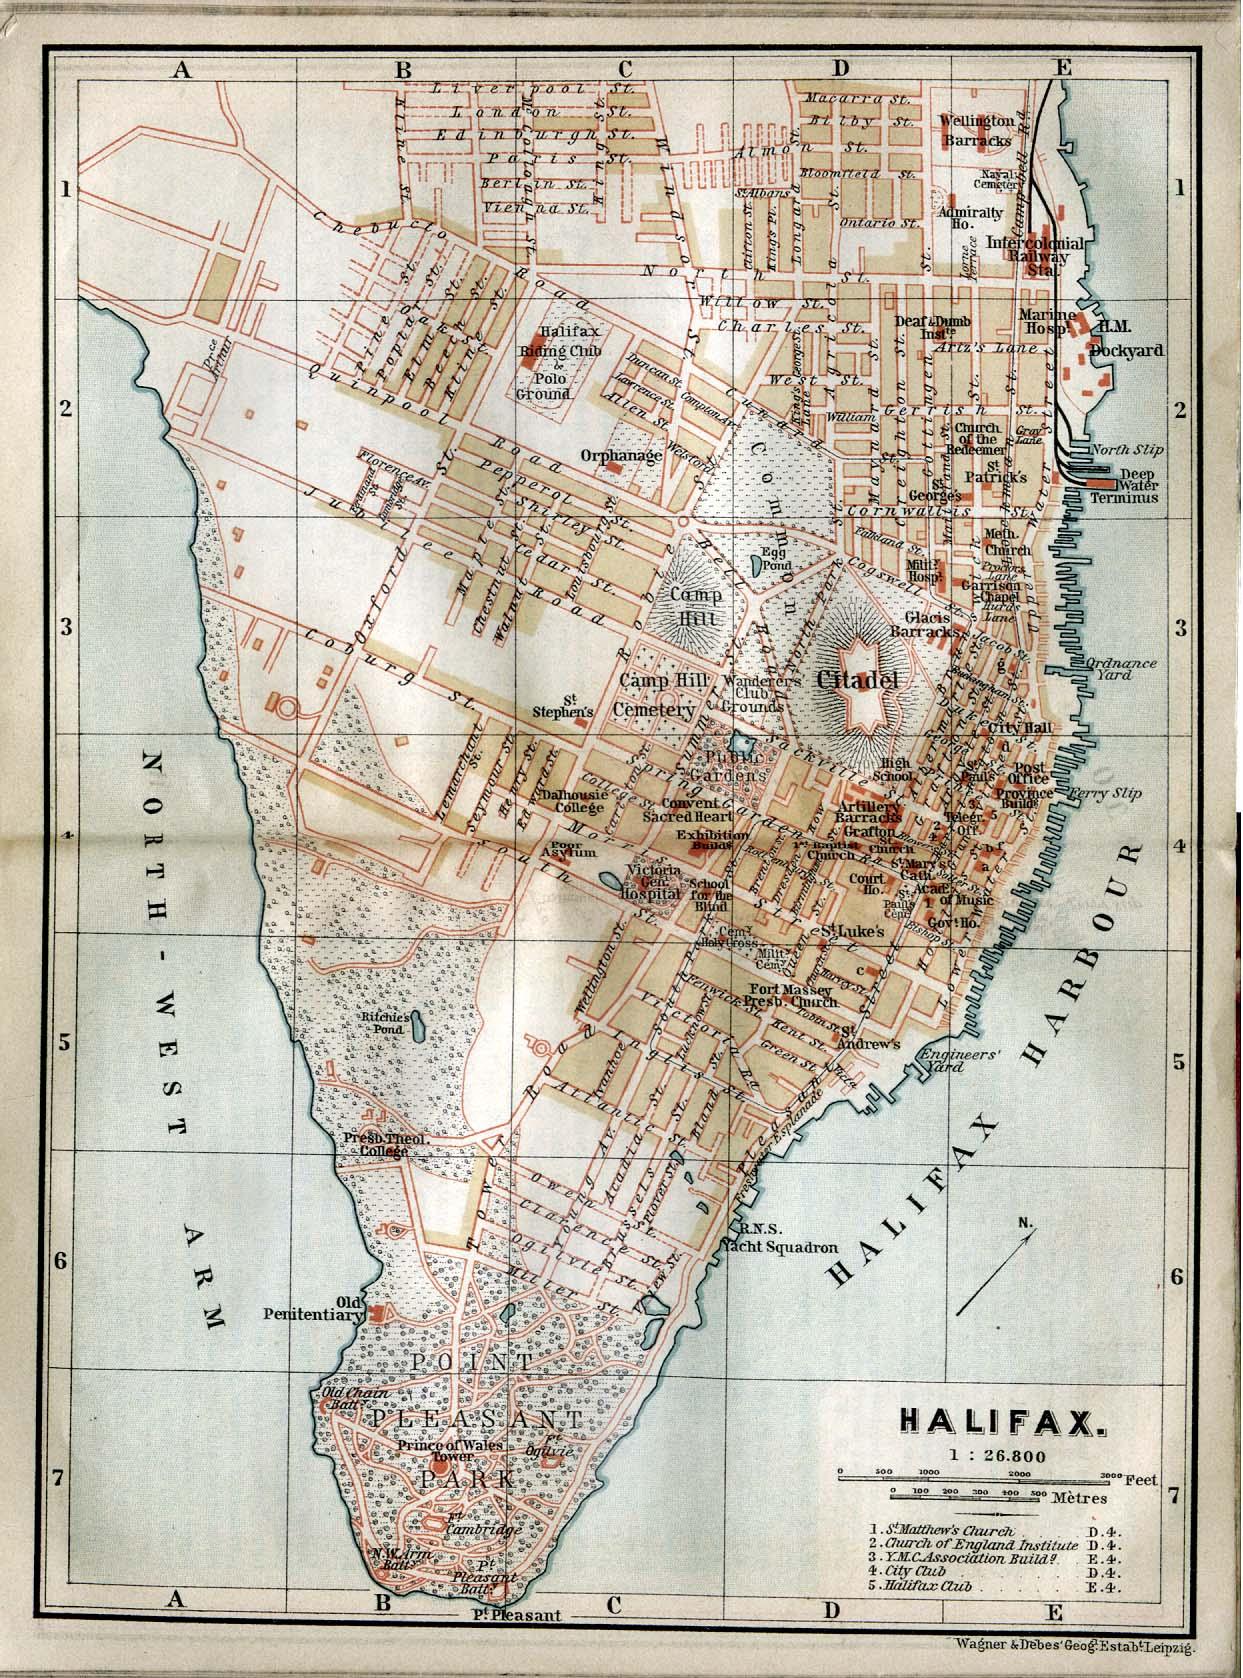 Mapa de Halifax, Nueva Escocia, Canadá 1894